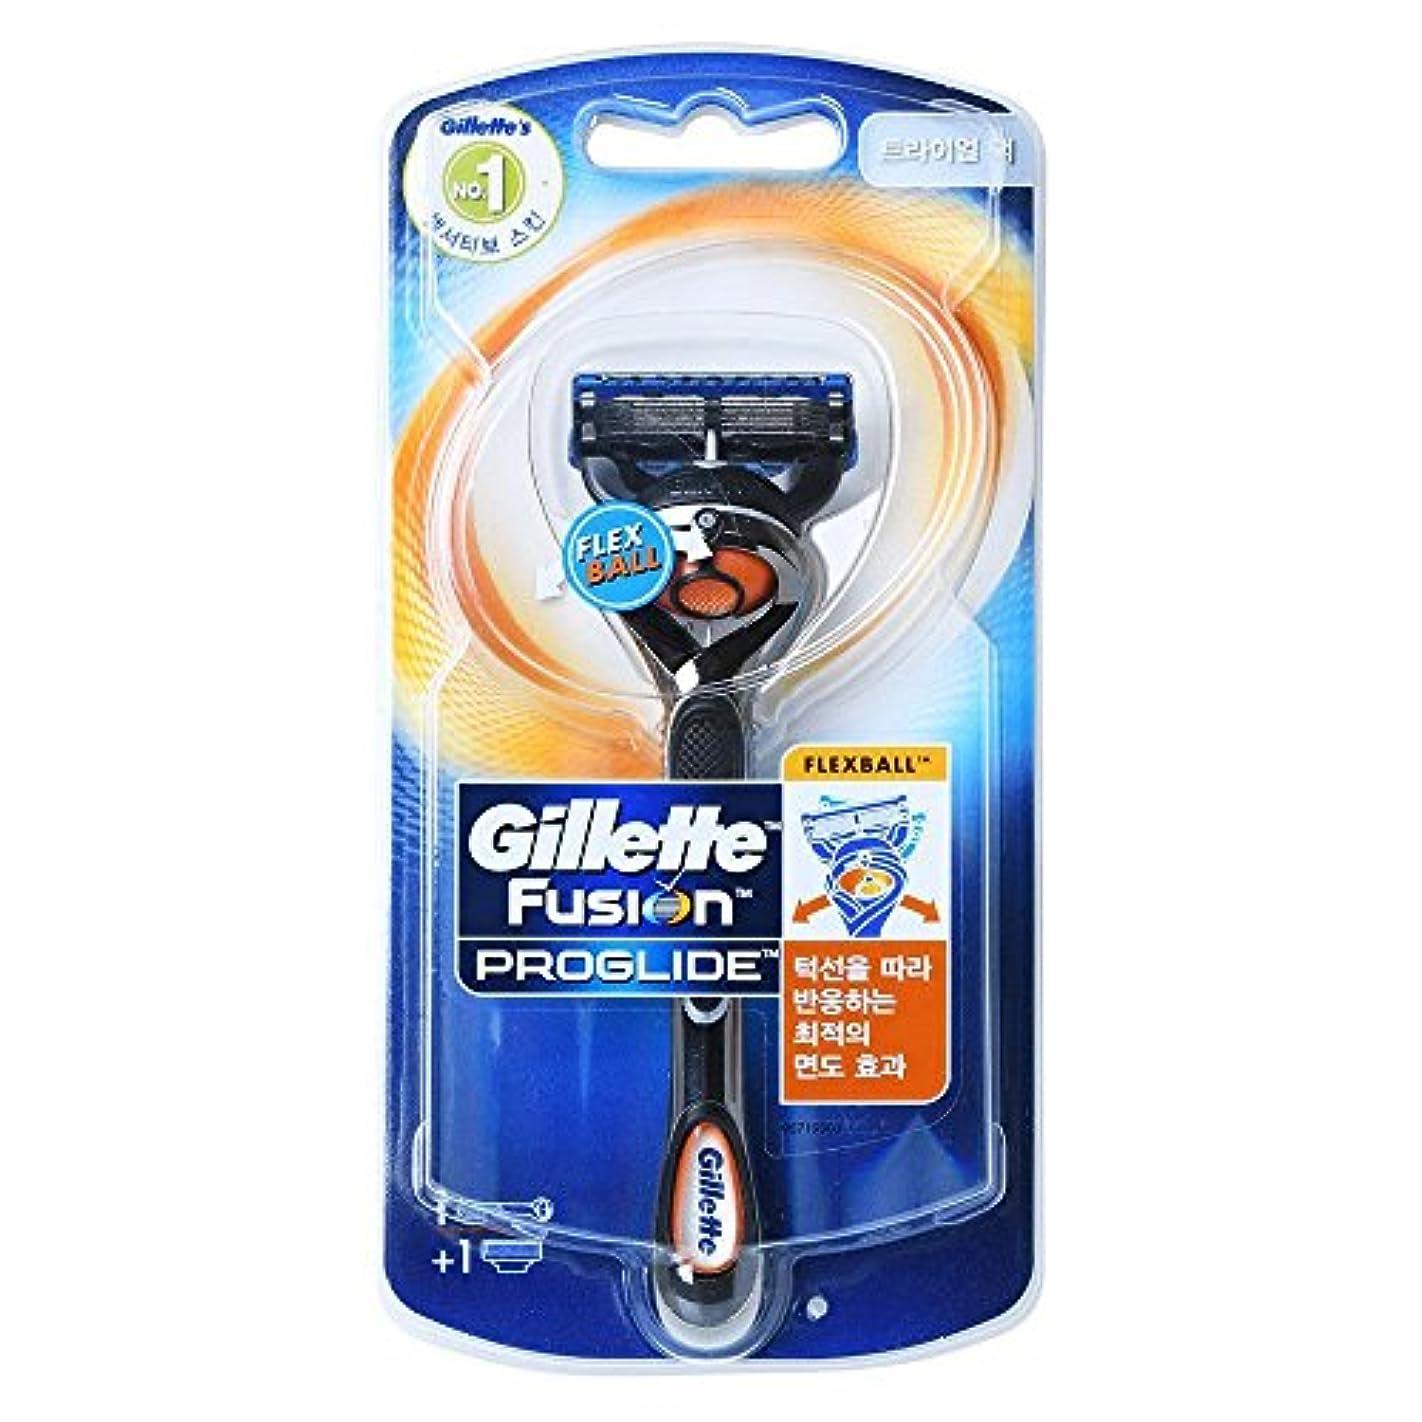 パートナー月曜高度Gillette Fusion Proglide Flexball Men's 1本のカミソリ1本でカミソリ1本 Trial pack [並行輸入品]